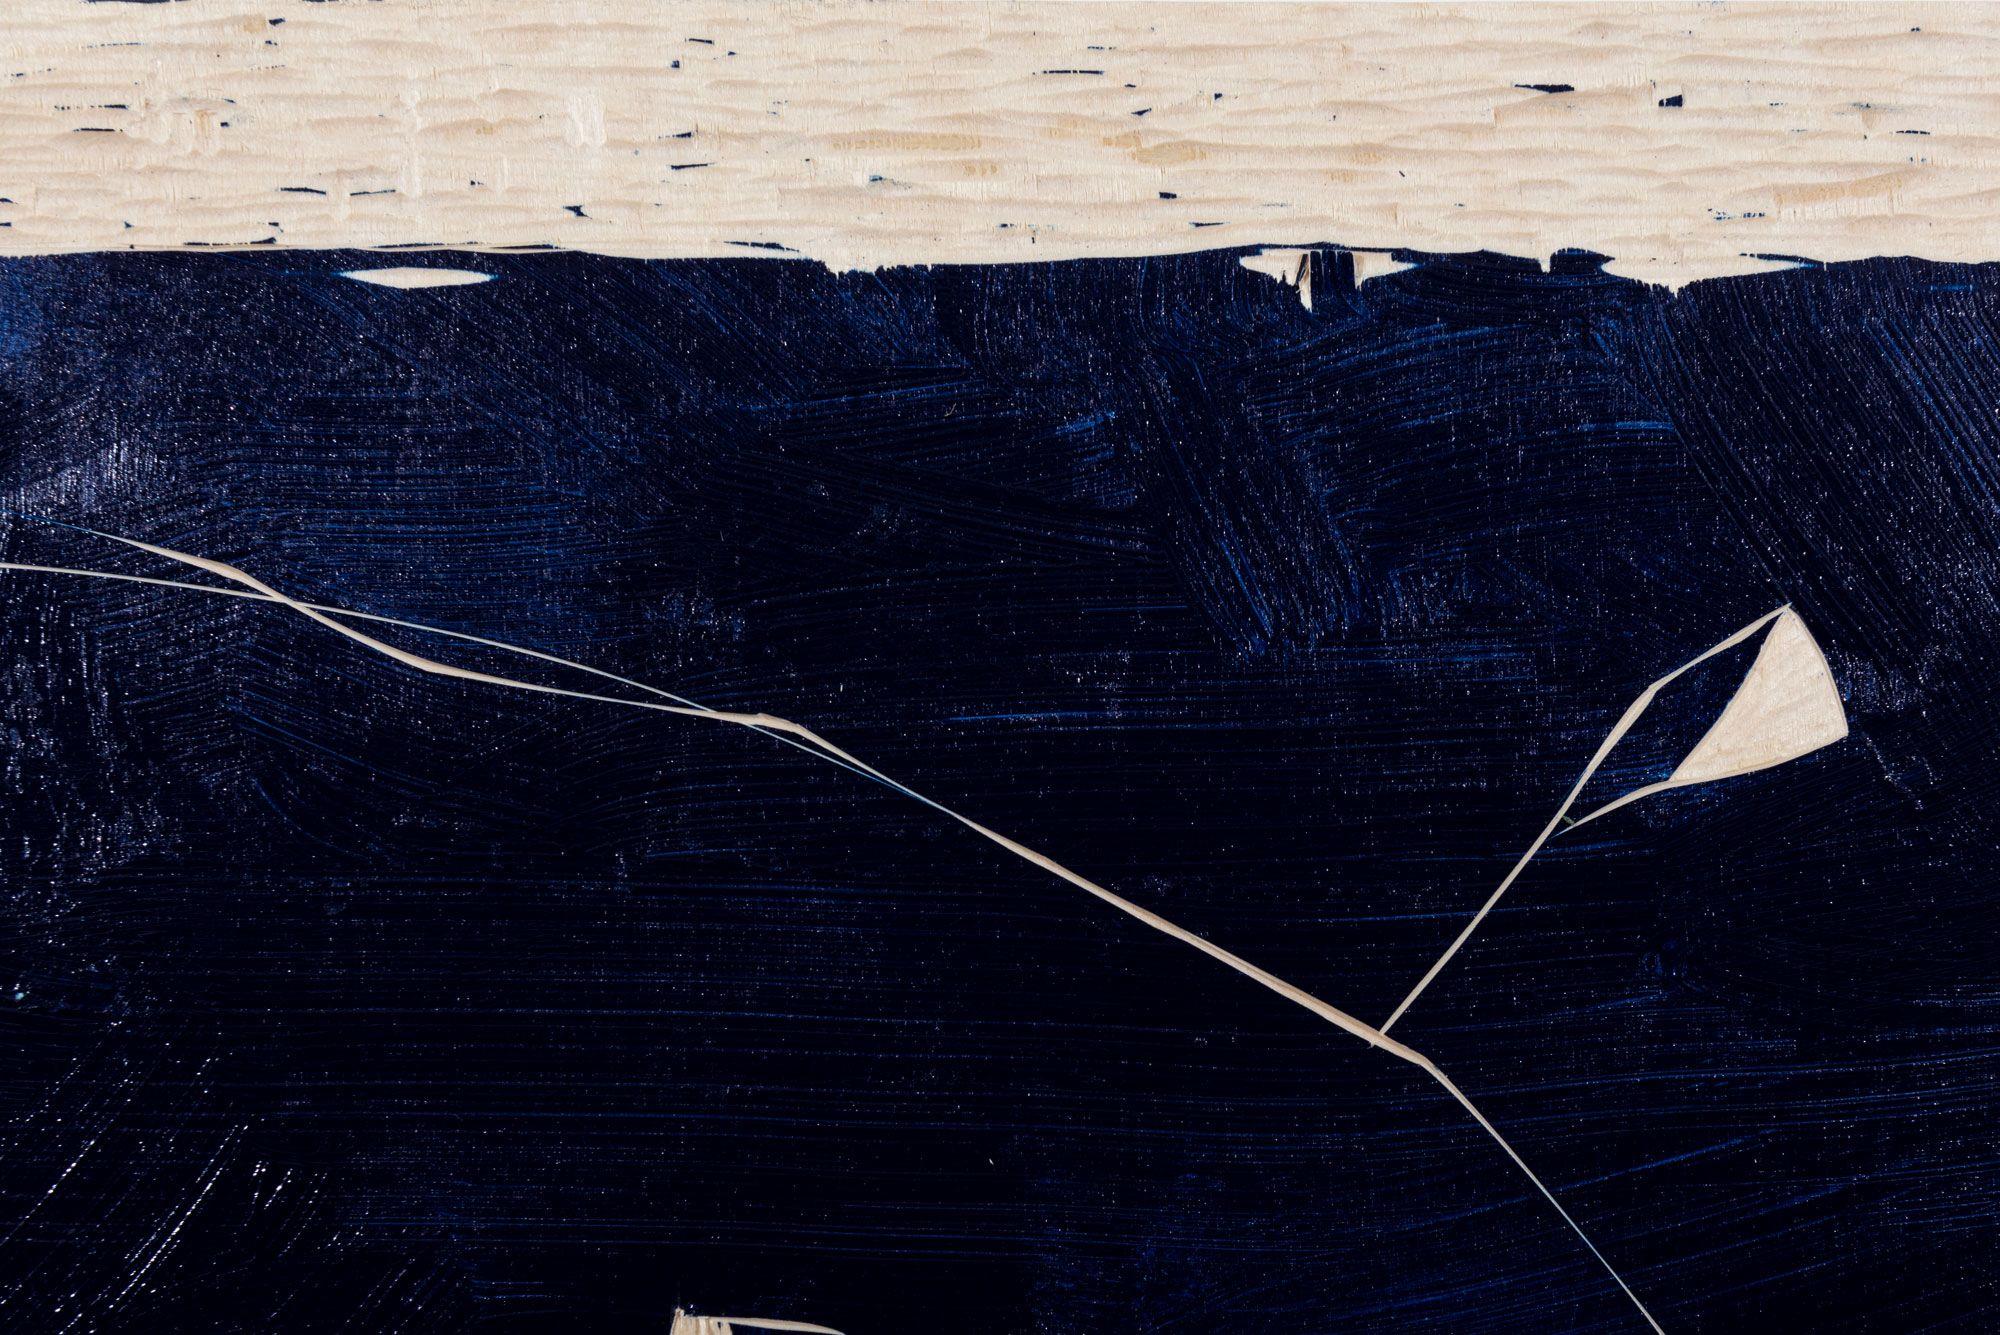 Composition 2, detail